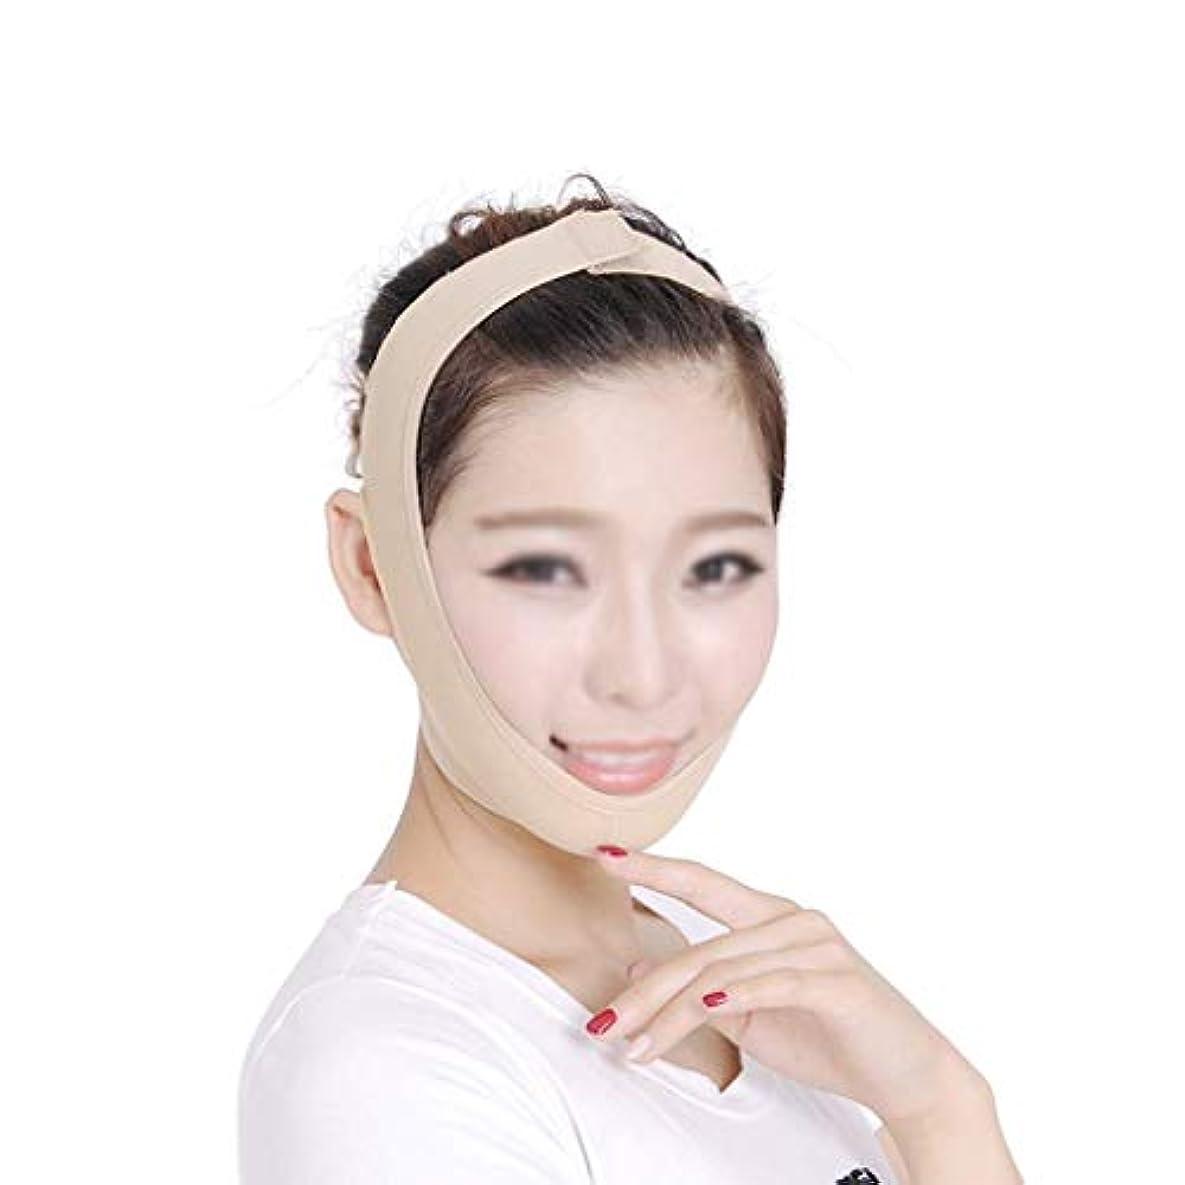 近代化ドナー怖がって死ぬフェイシャル減量マスクリフティングフェイス、フェイスマスク、減量包帯を除去するためのダブルチン、フェイシャルリフティング包帯、ダブルチンを減らすためのリフティングベルト(カラー:ブラック、サイズ:M),イエローピンク、L